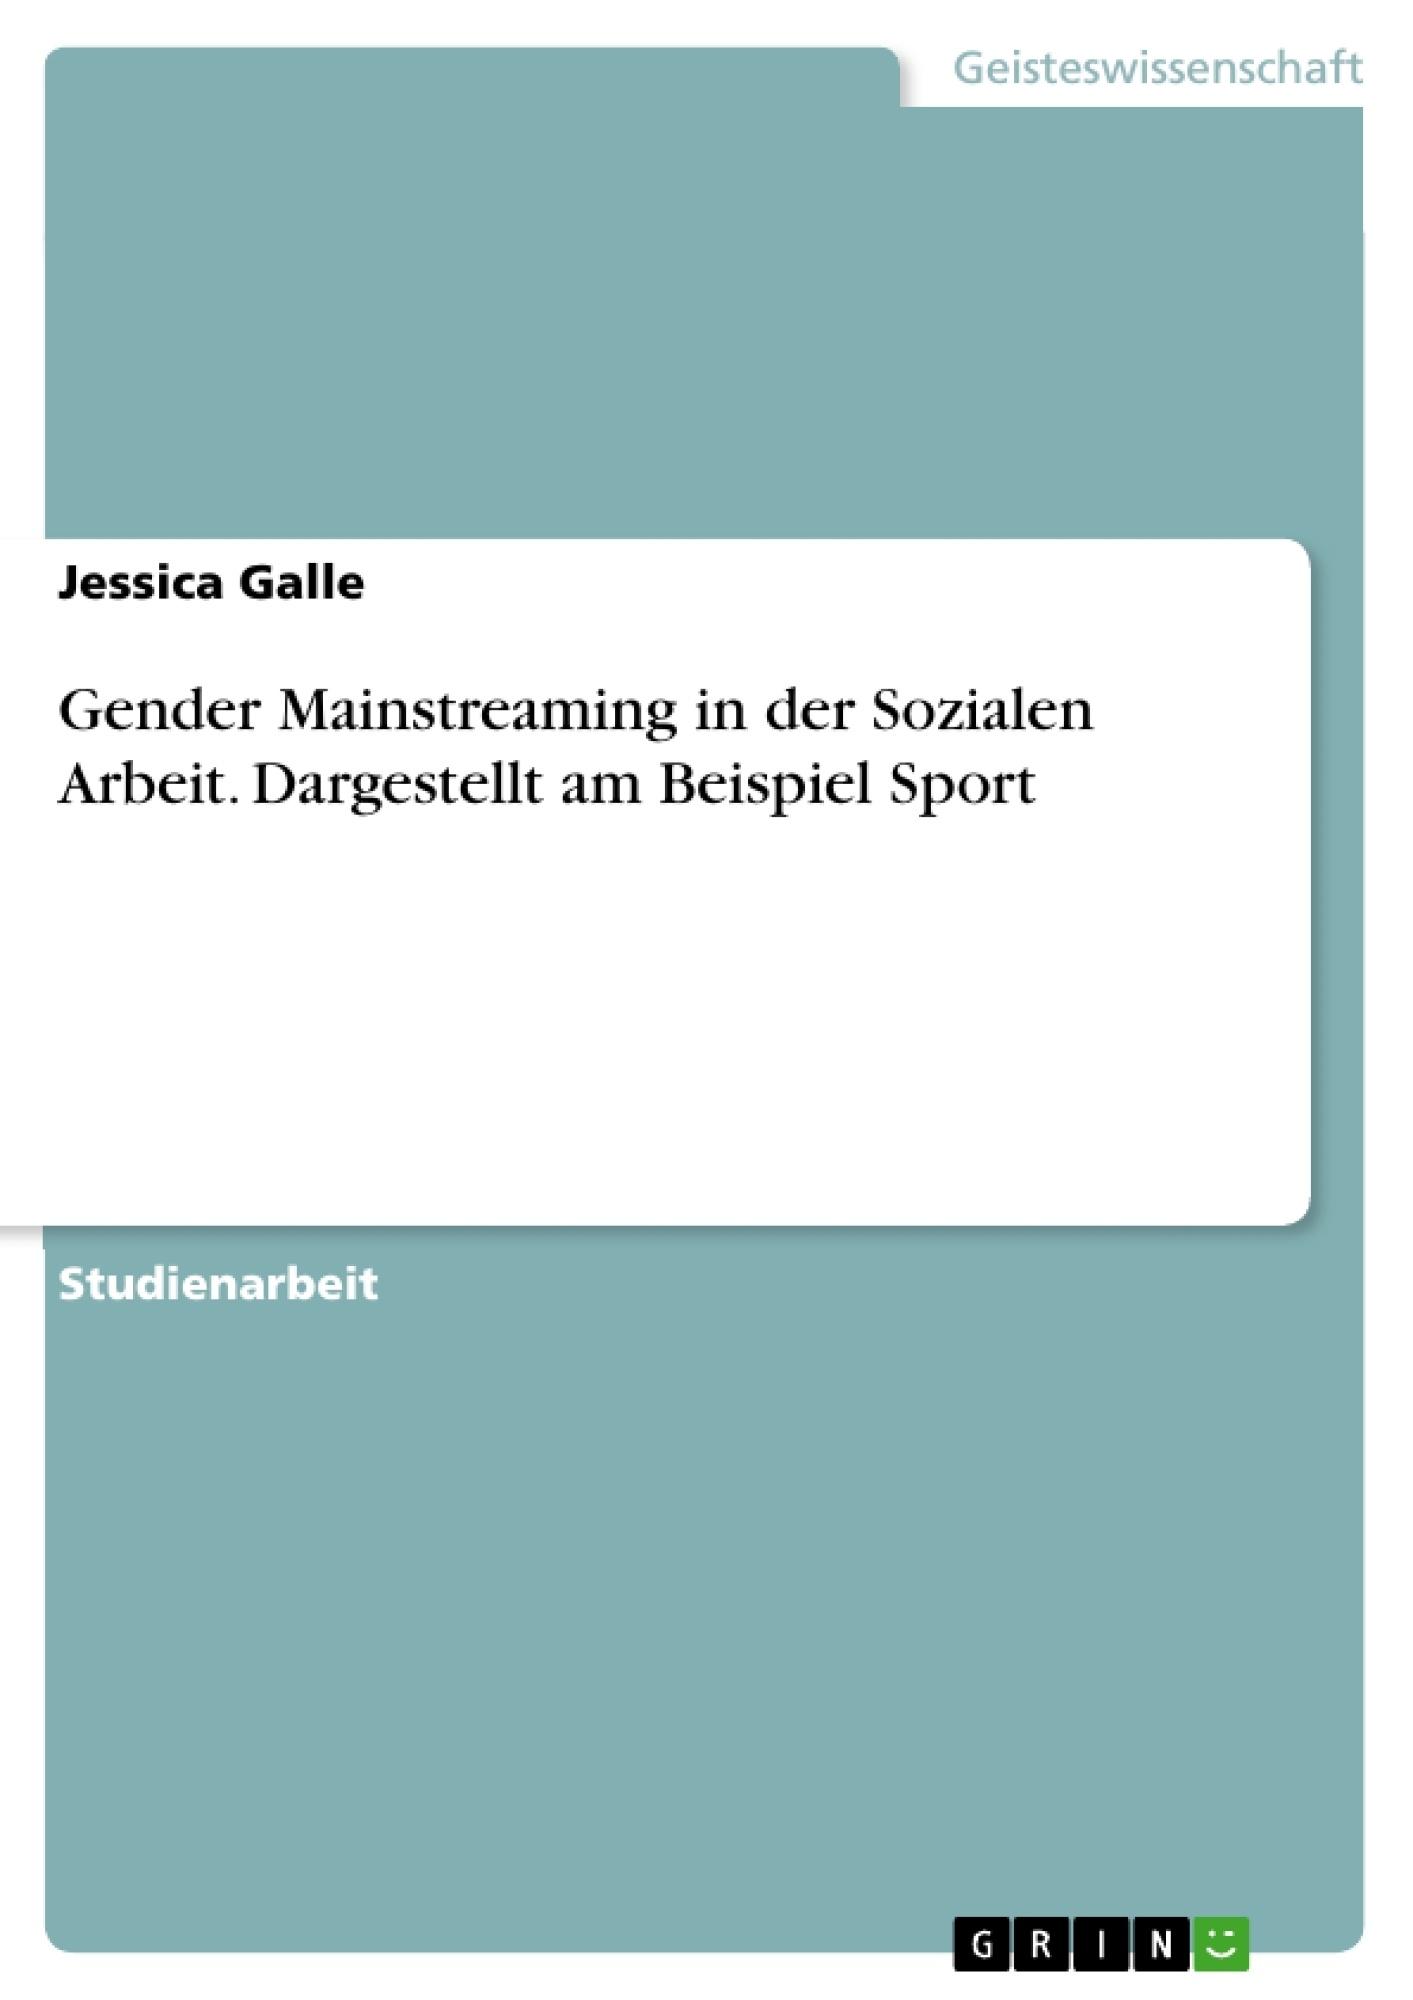 Titel: Gender Mainstreaming in der Sozialen Arbeit. Dargestellt am Beispiel Sport